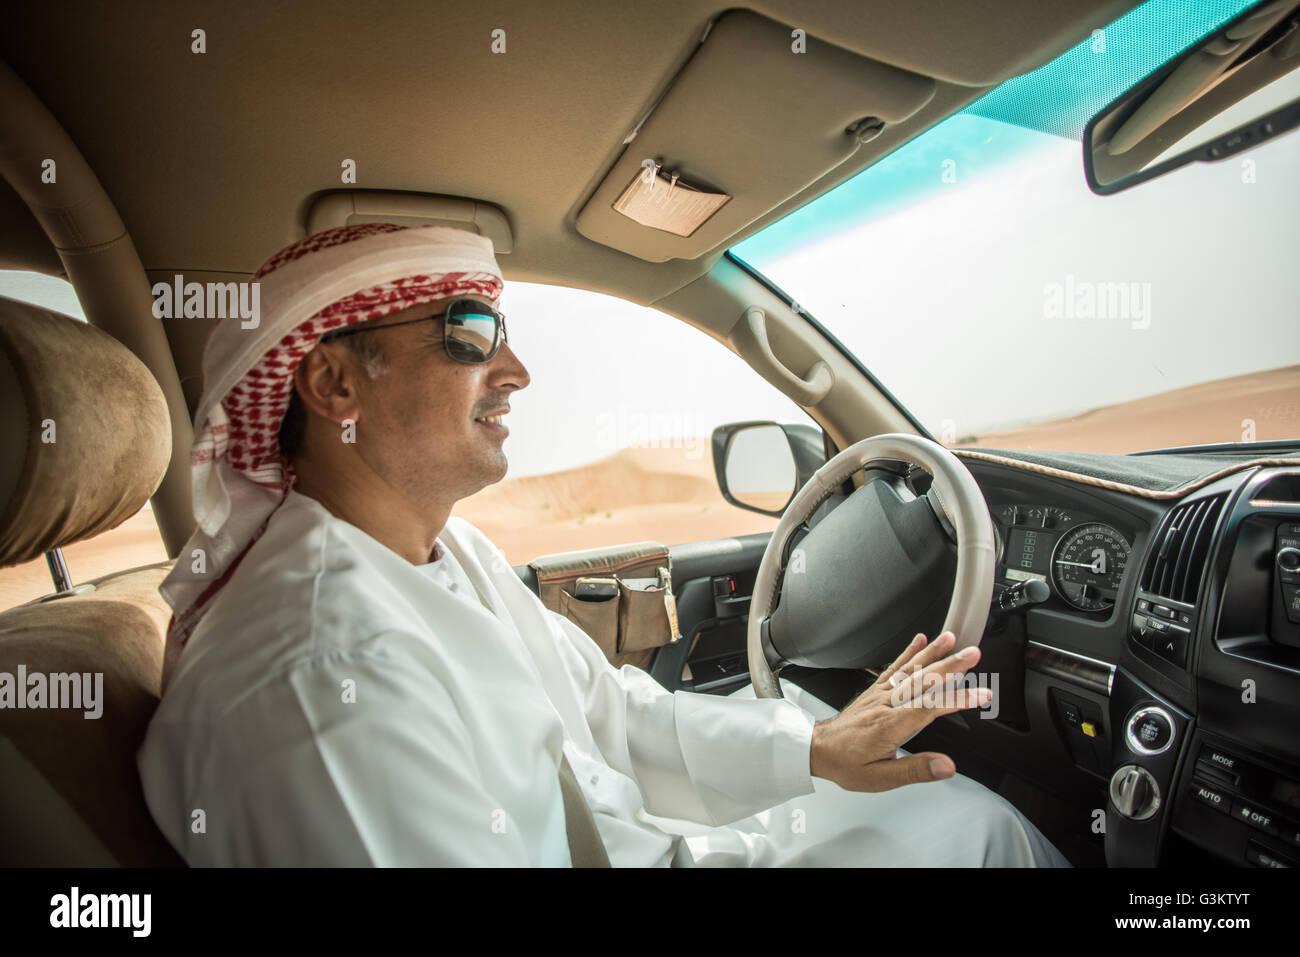 Nahen Ostens Mann Tracht fahren Geländewagen in der Wüste, Dubai, Vereinigte Arabische Emirate Stockbild